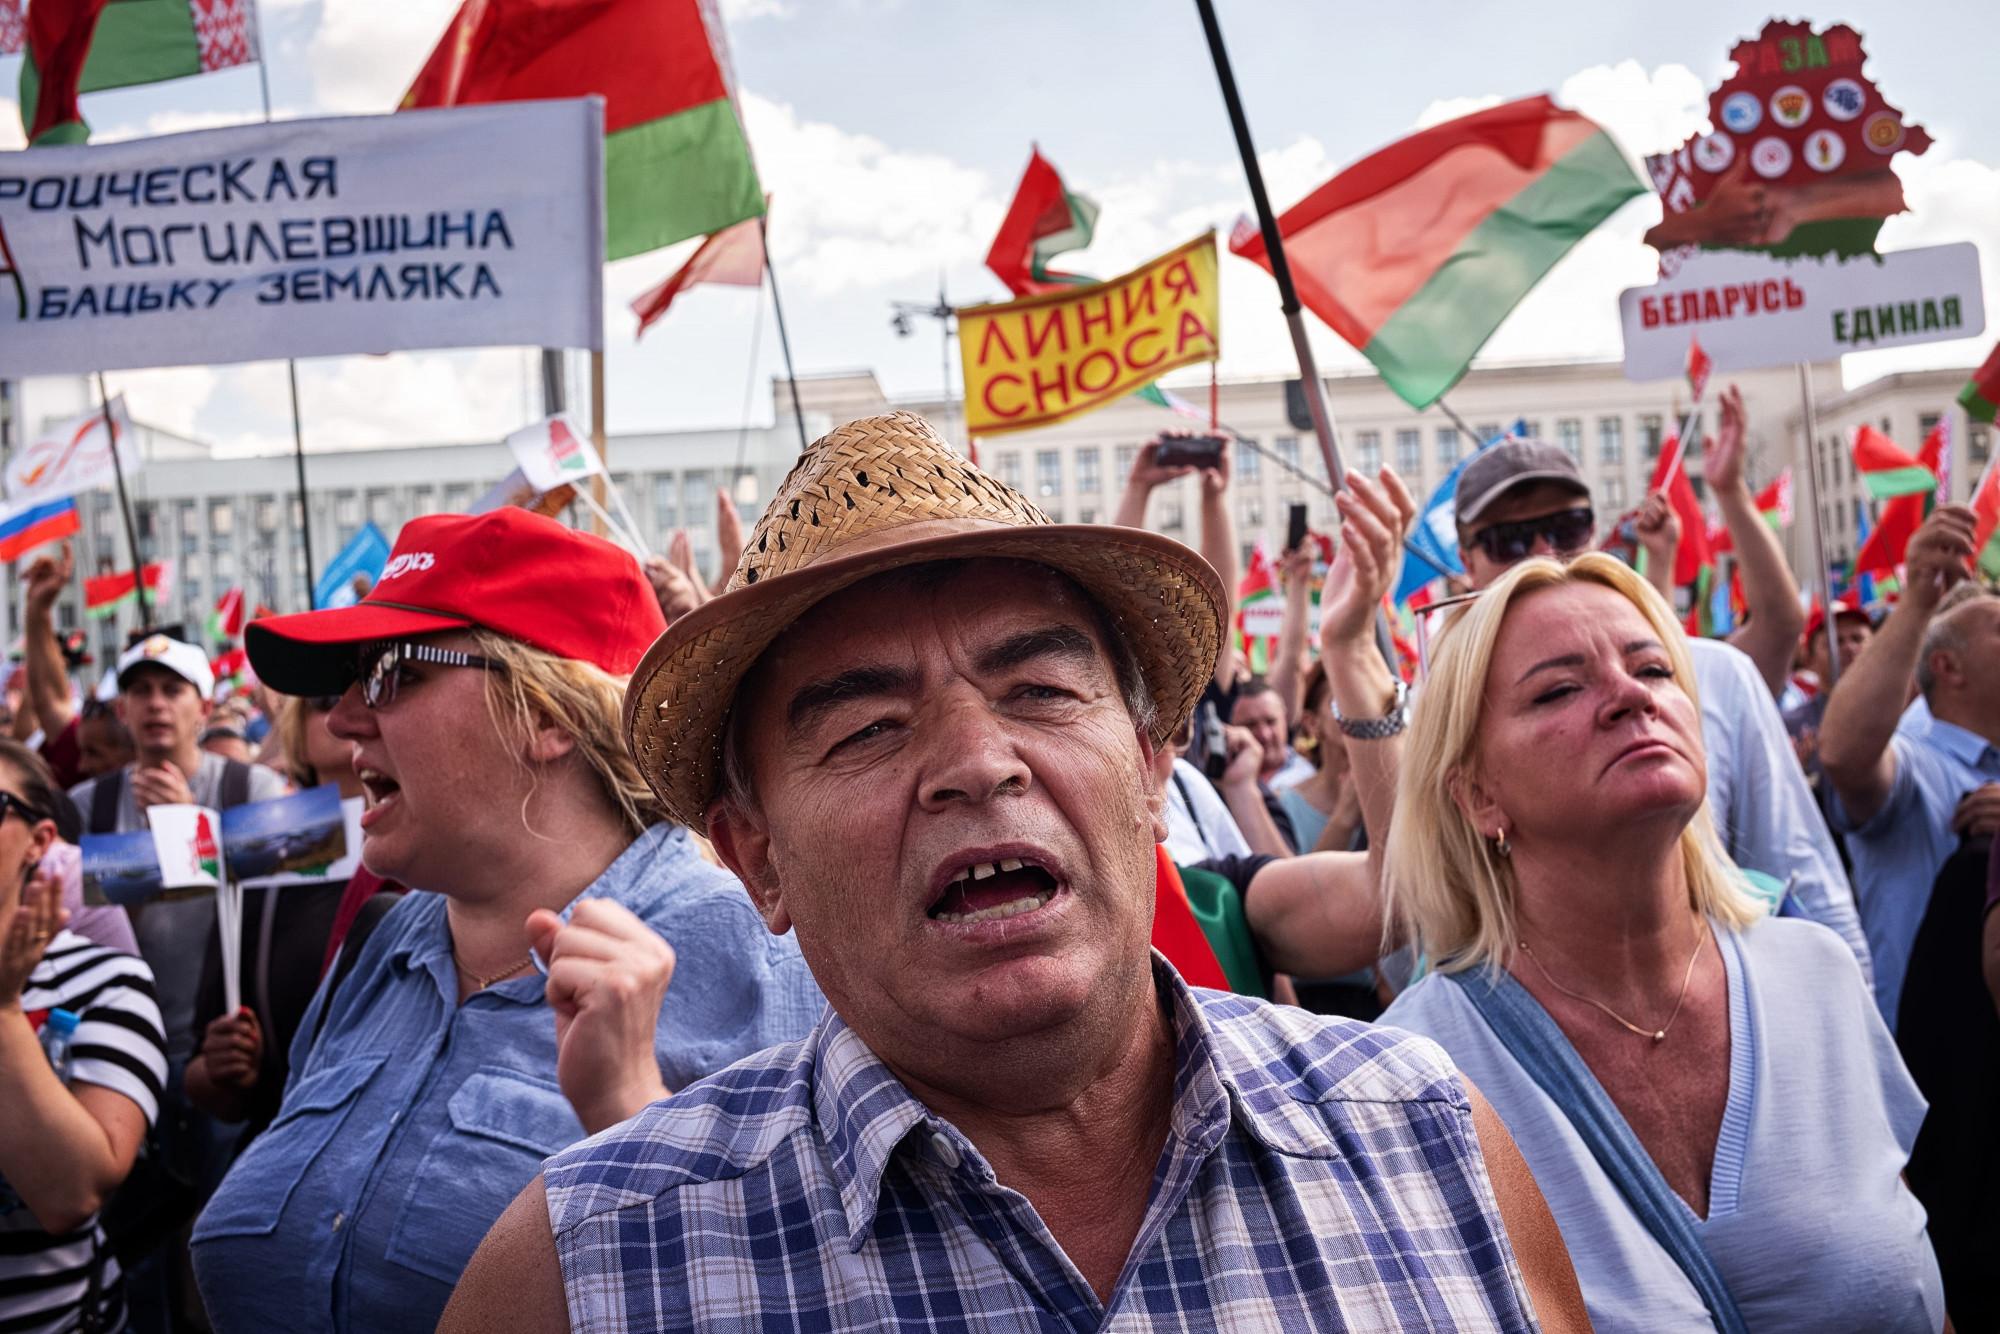 Protestantes durante uma manifestação em apoio ao governo em 16 de agosto de 2020 em Minsk, Bielo-Rússia (Misha Friedman / Getty Images)